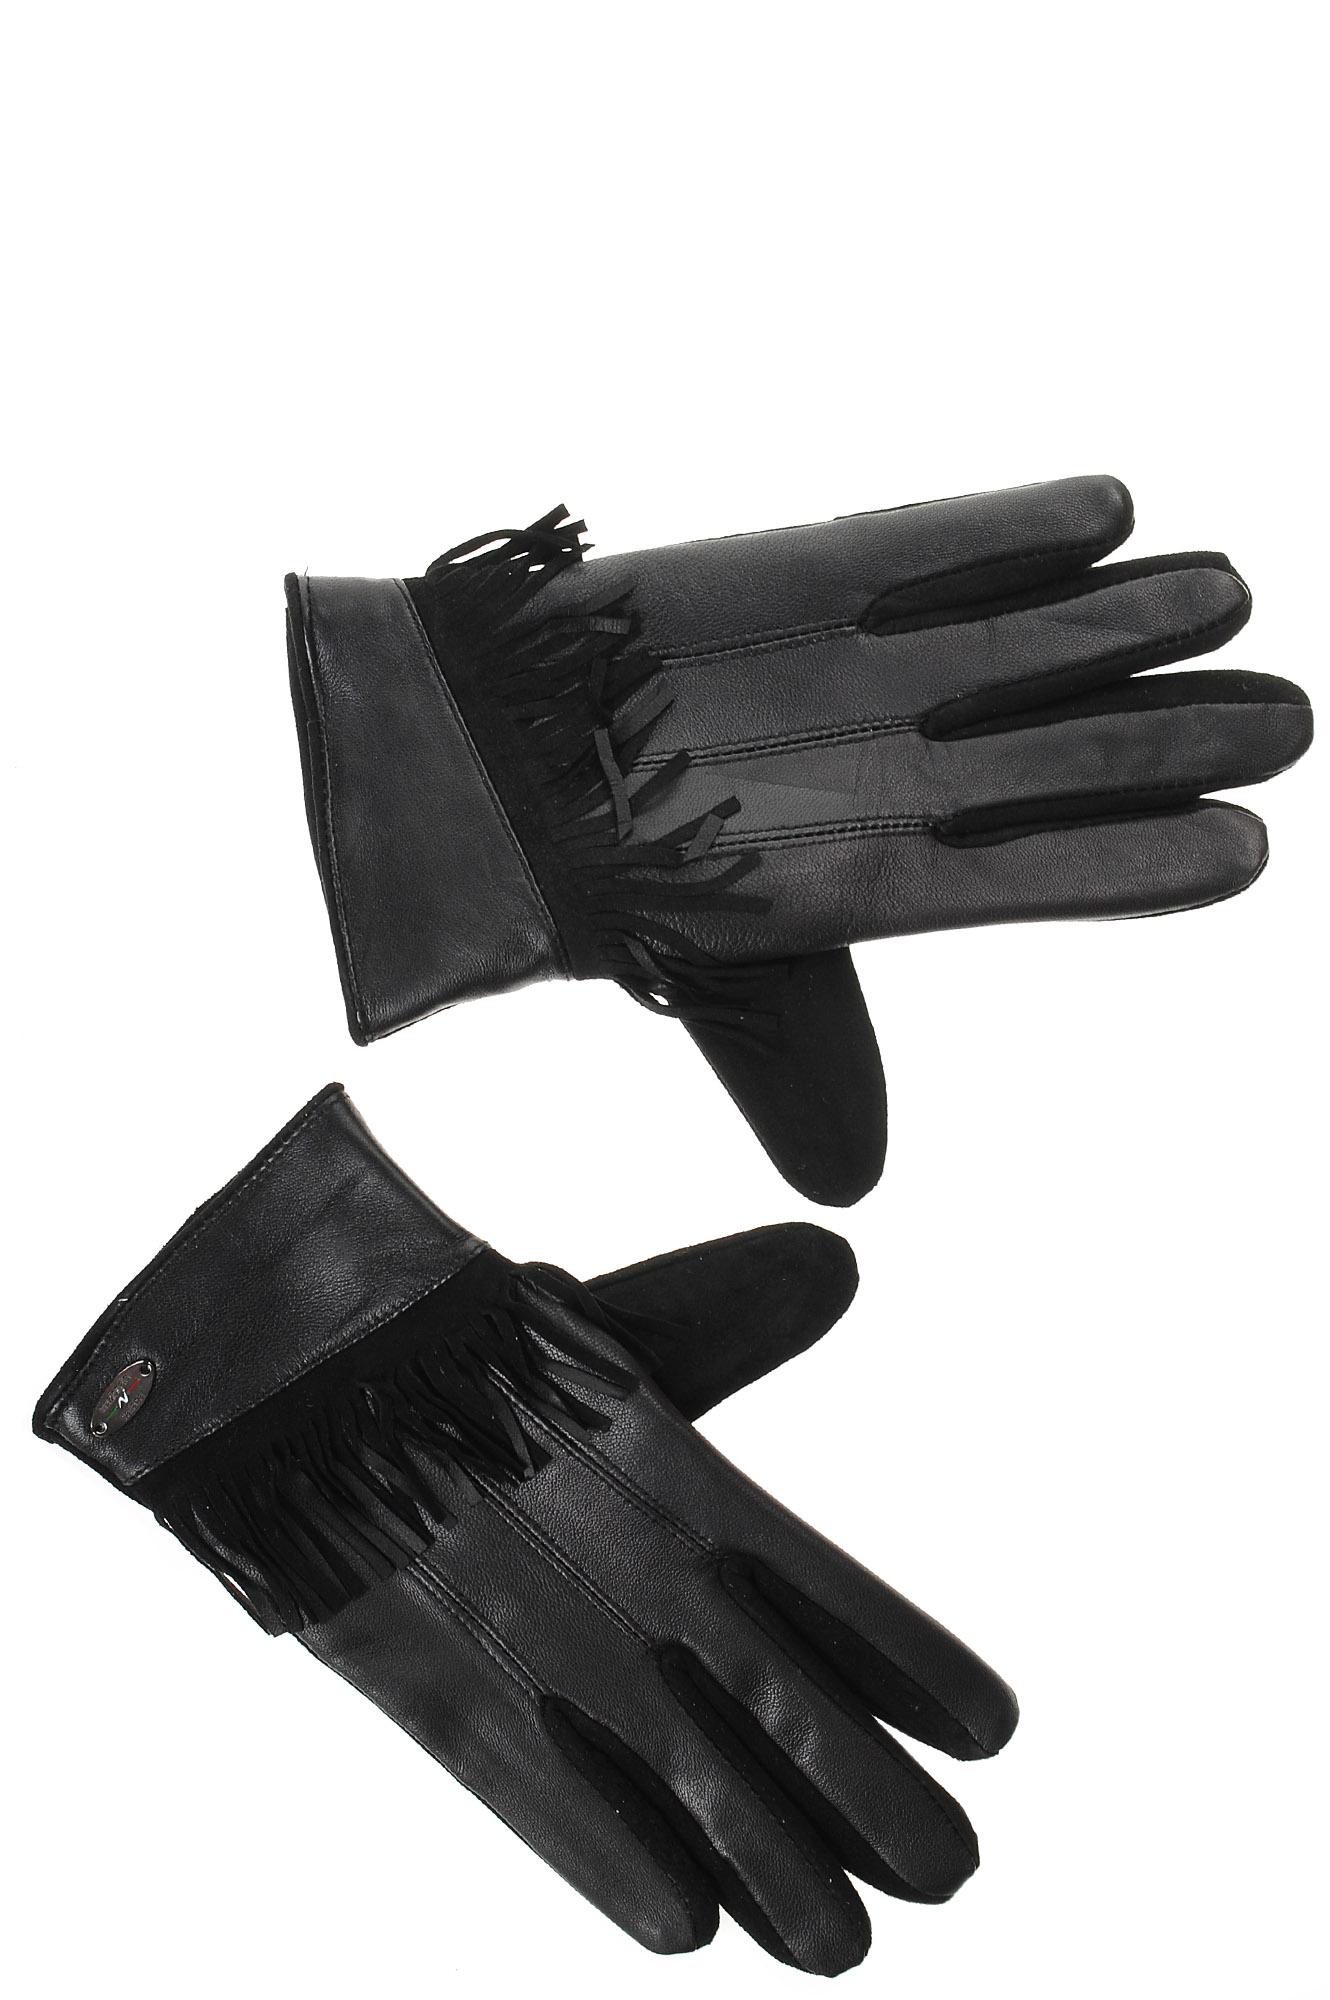 Γυναικεία Δερμάτινα Γάντια Brandbags Collection NIG012 γυναικα   γυναικείο γάντι